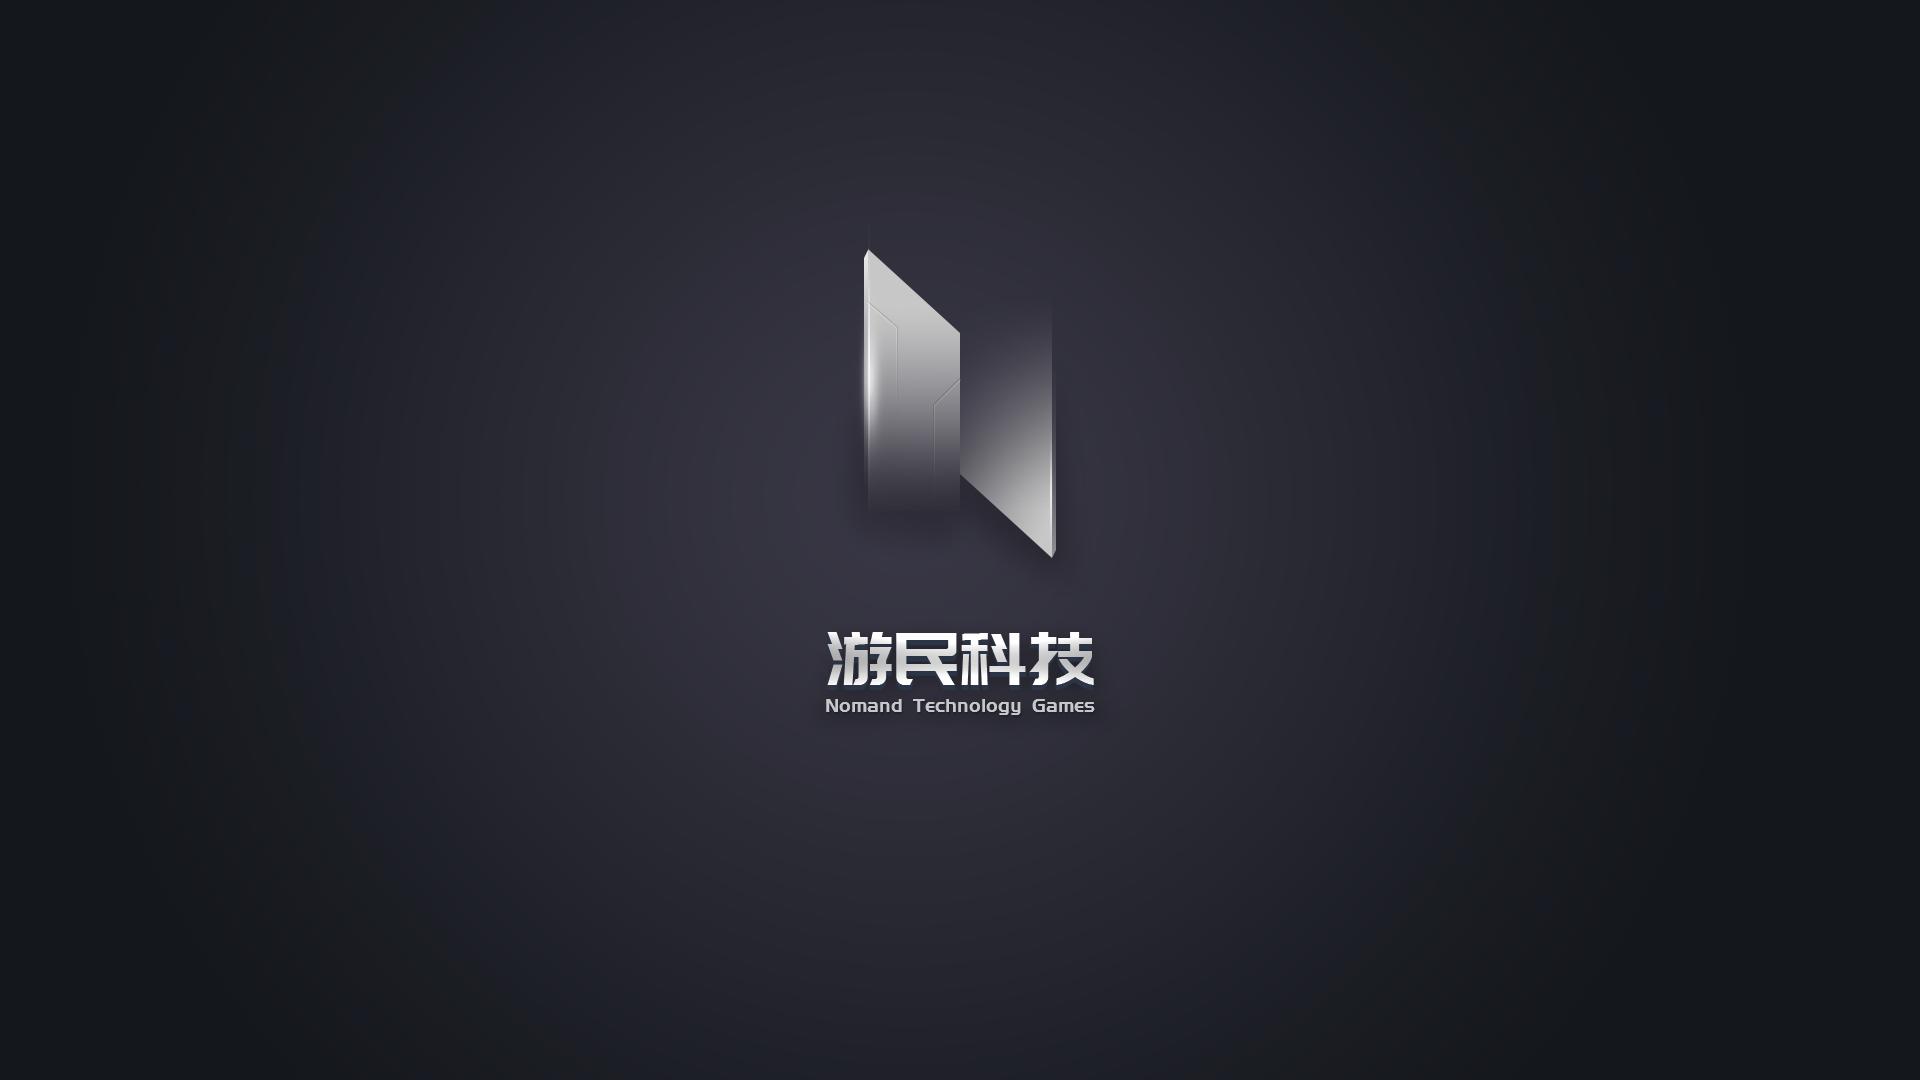 深圳游民科技有限公司